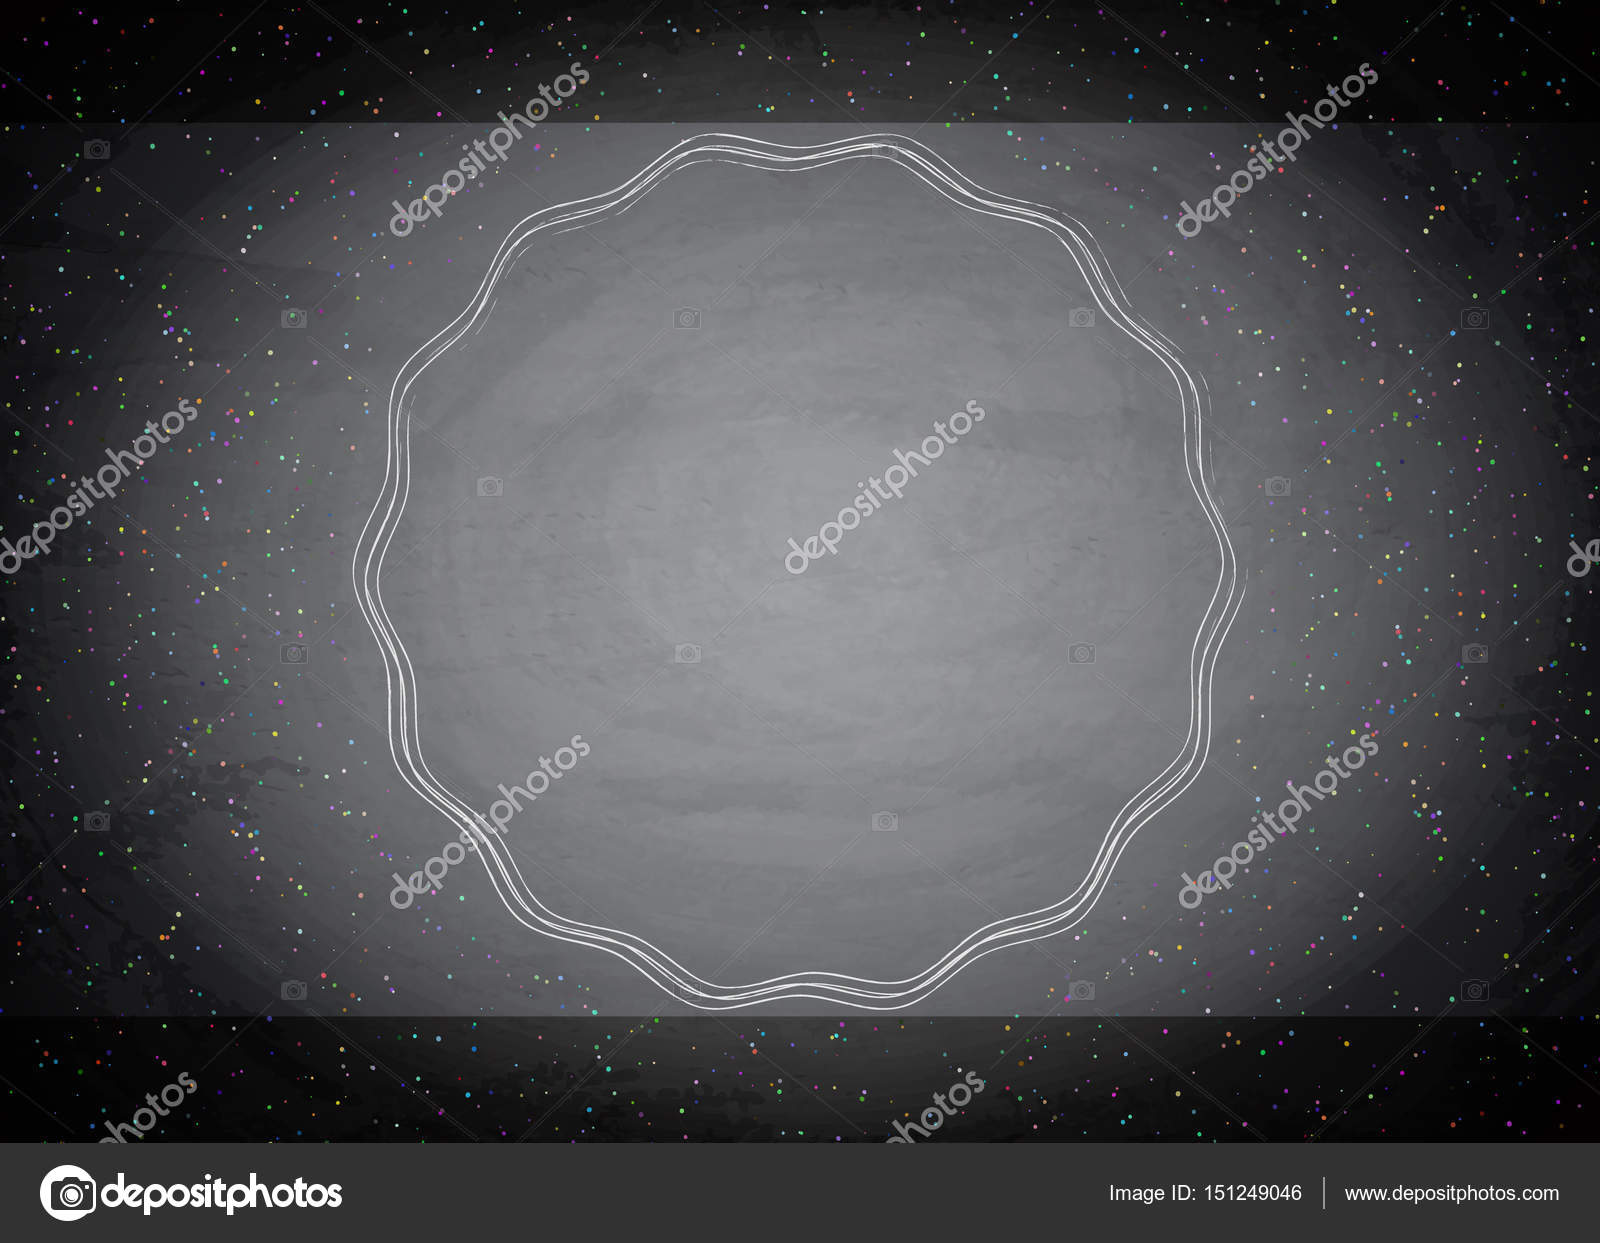 黒板黒板背景に空の境界線 \u2014 ストックベクタ